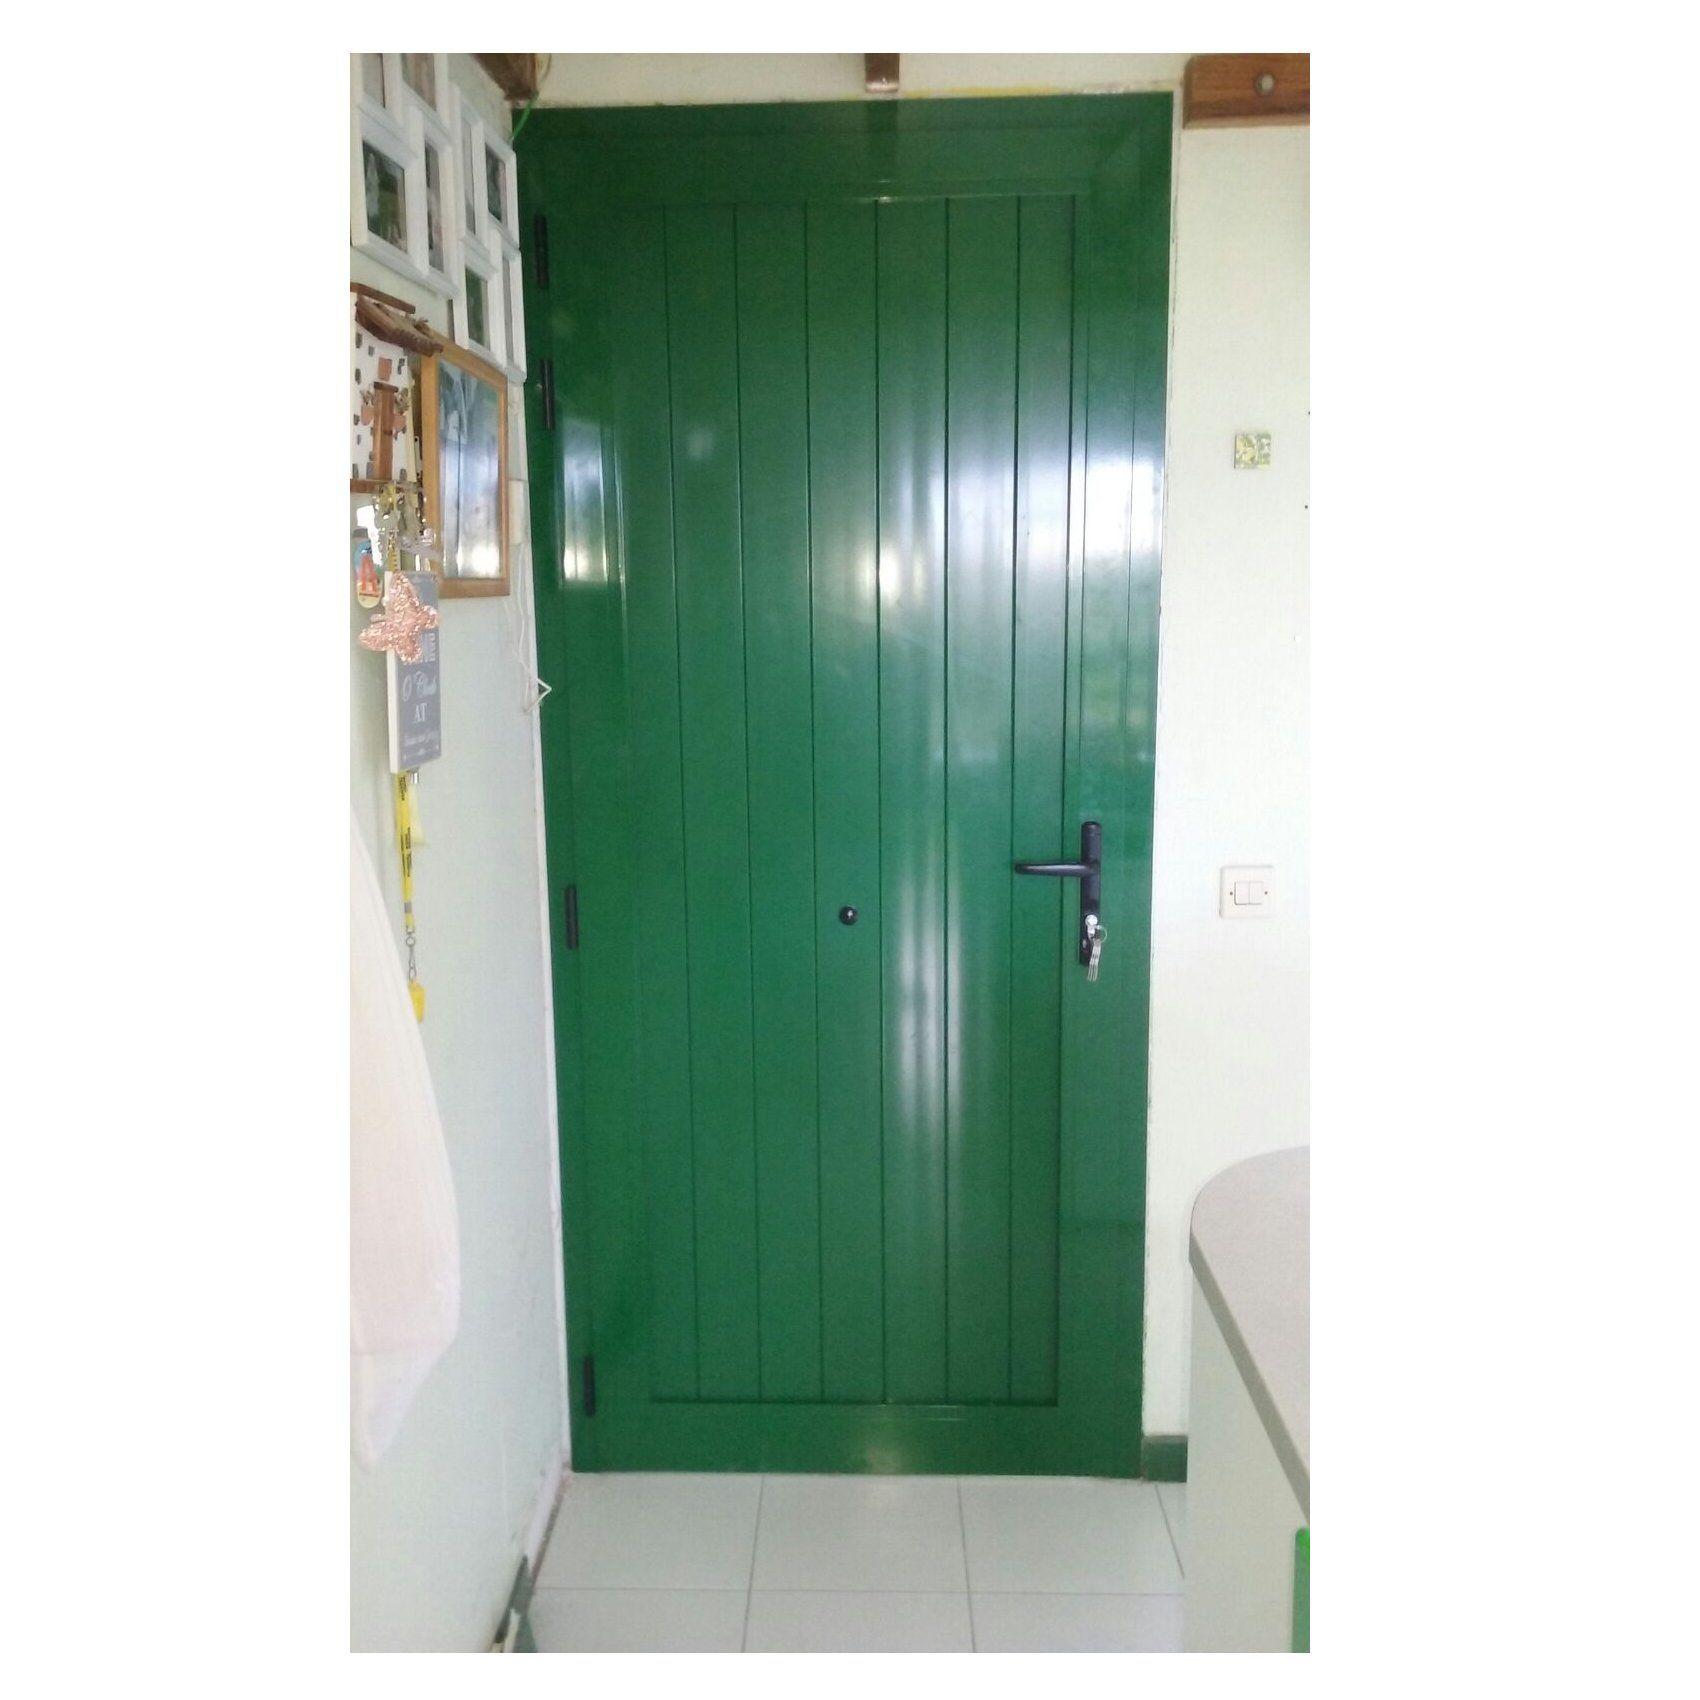 Puertas servicios de aluminios santaf - Puertas de servicio ...